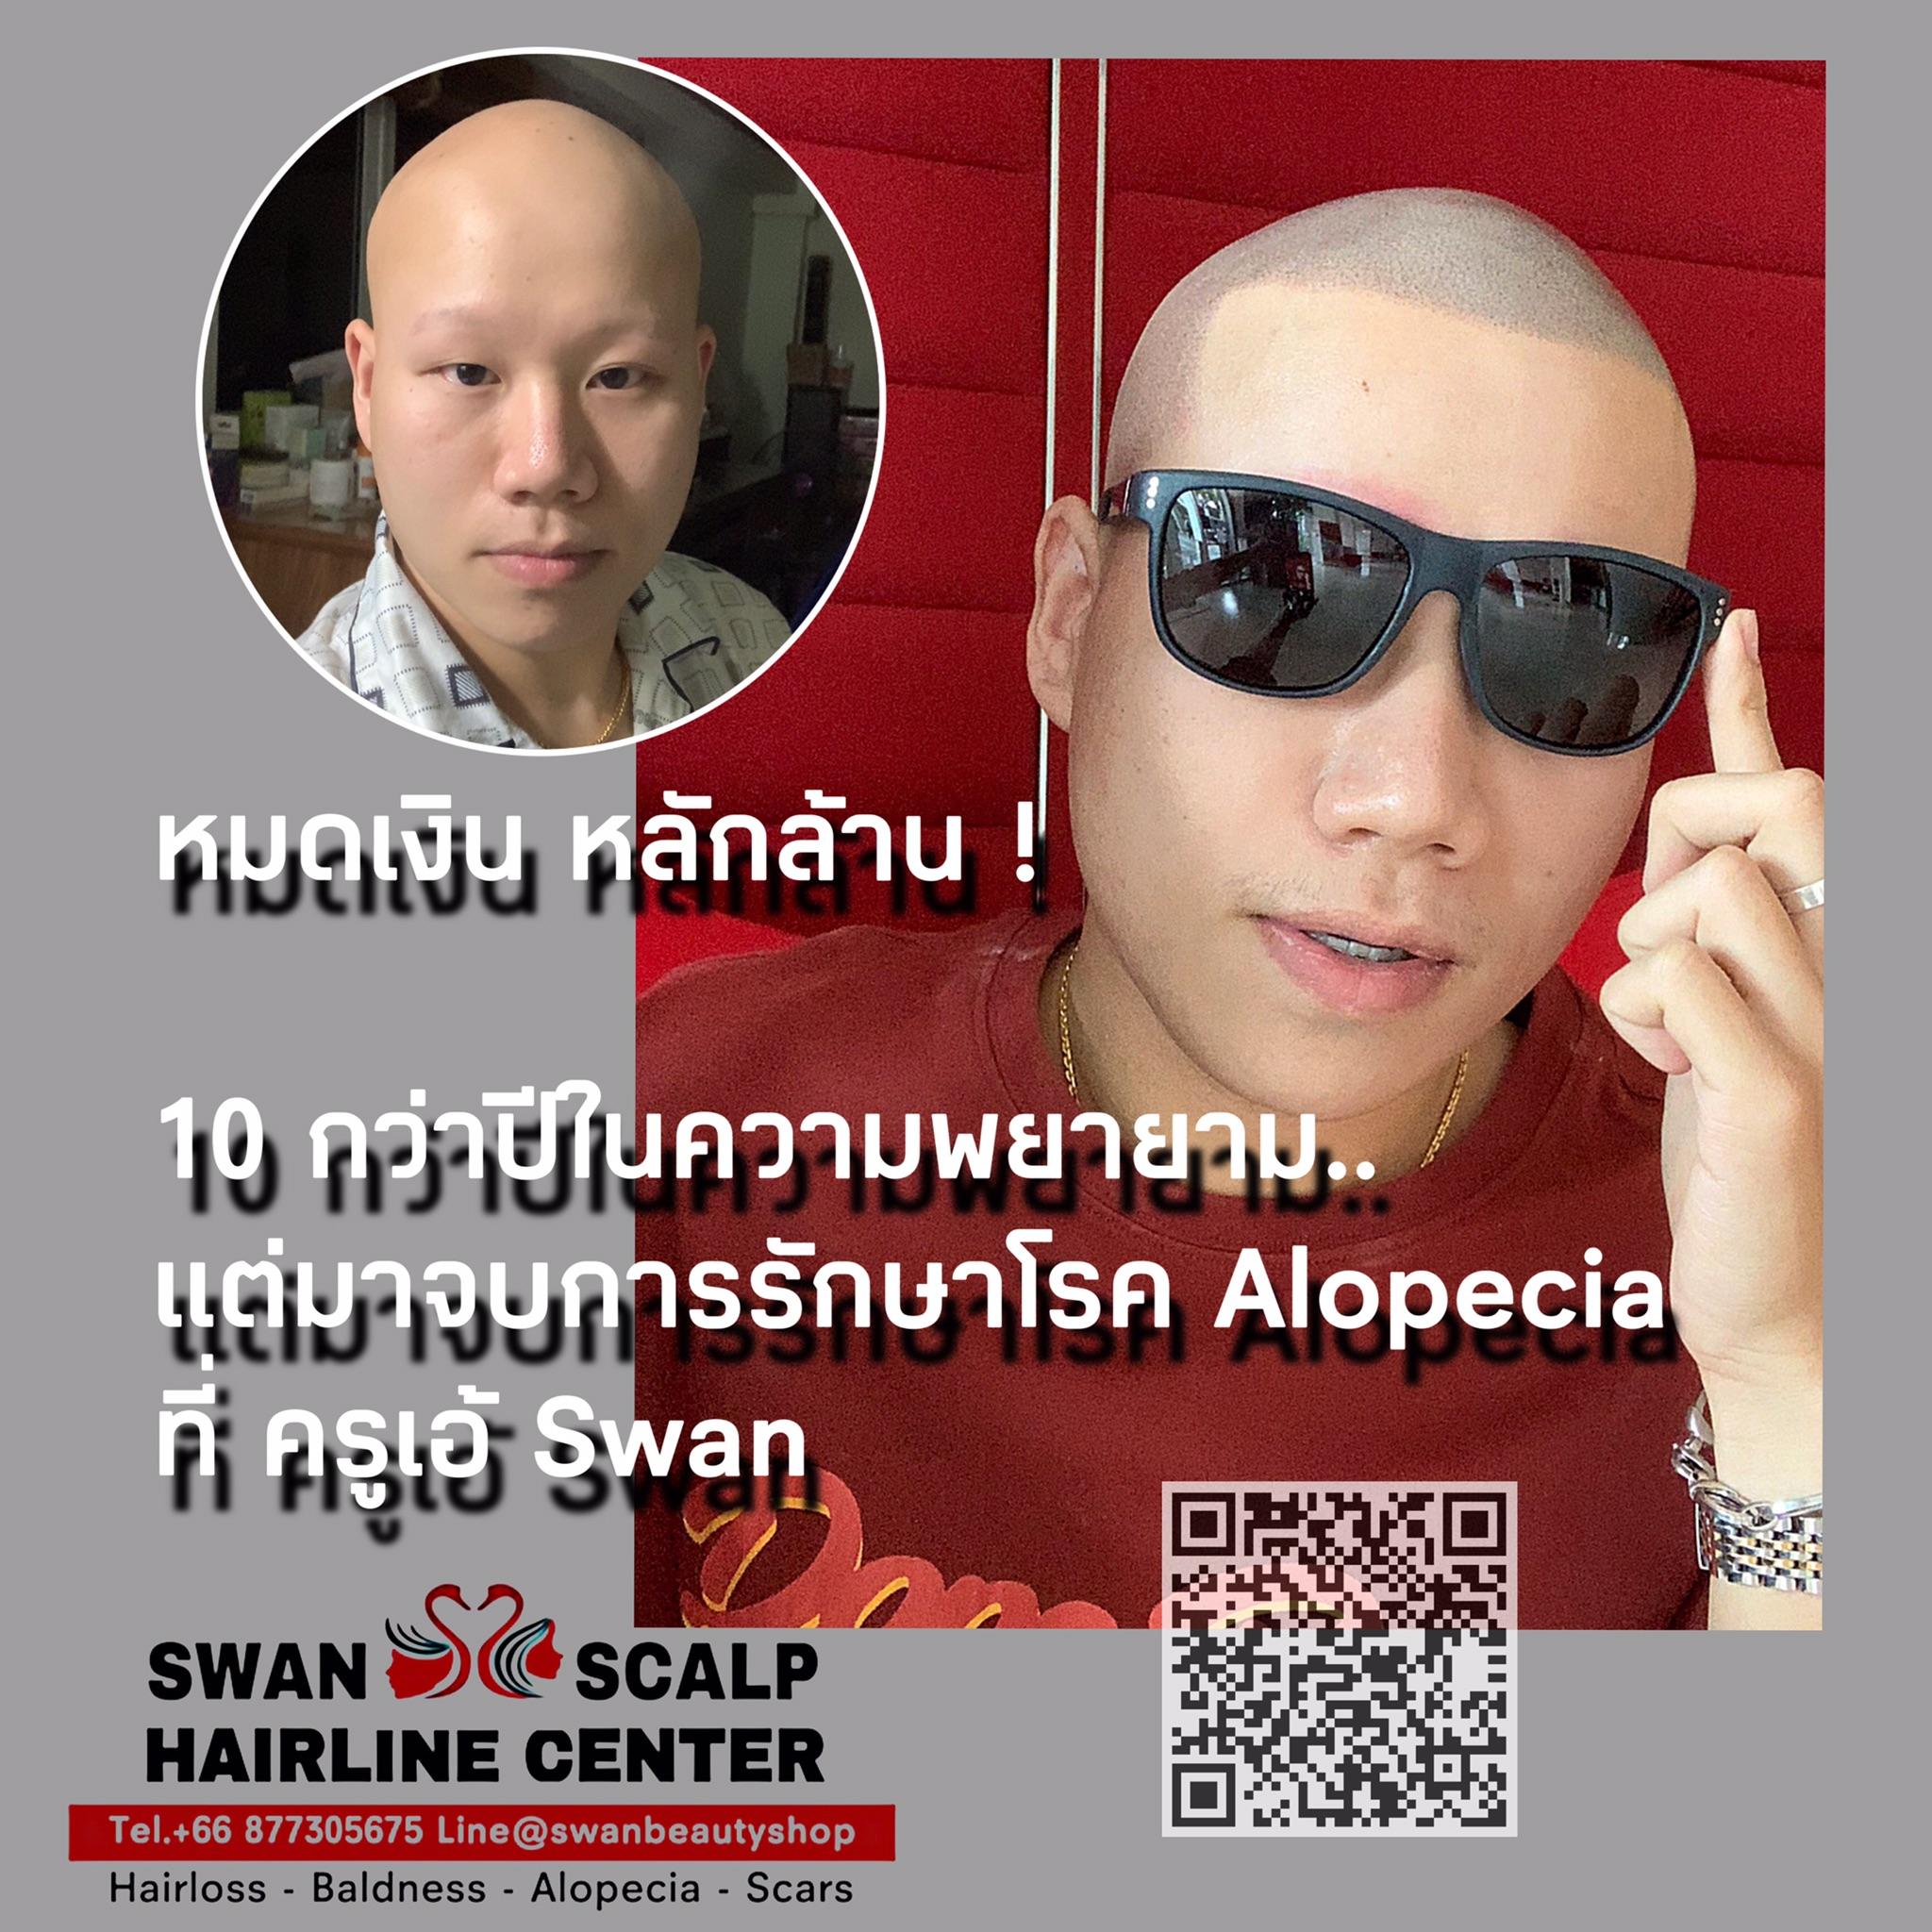 สักสกินเฮดรักษาโรค Alopecia